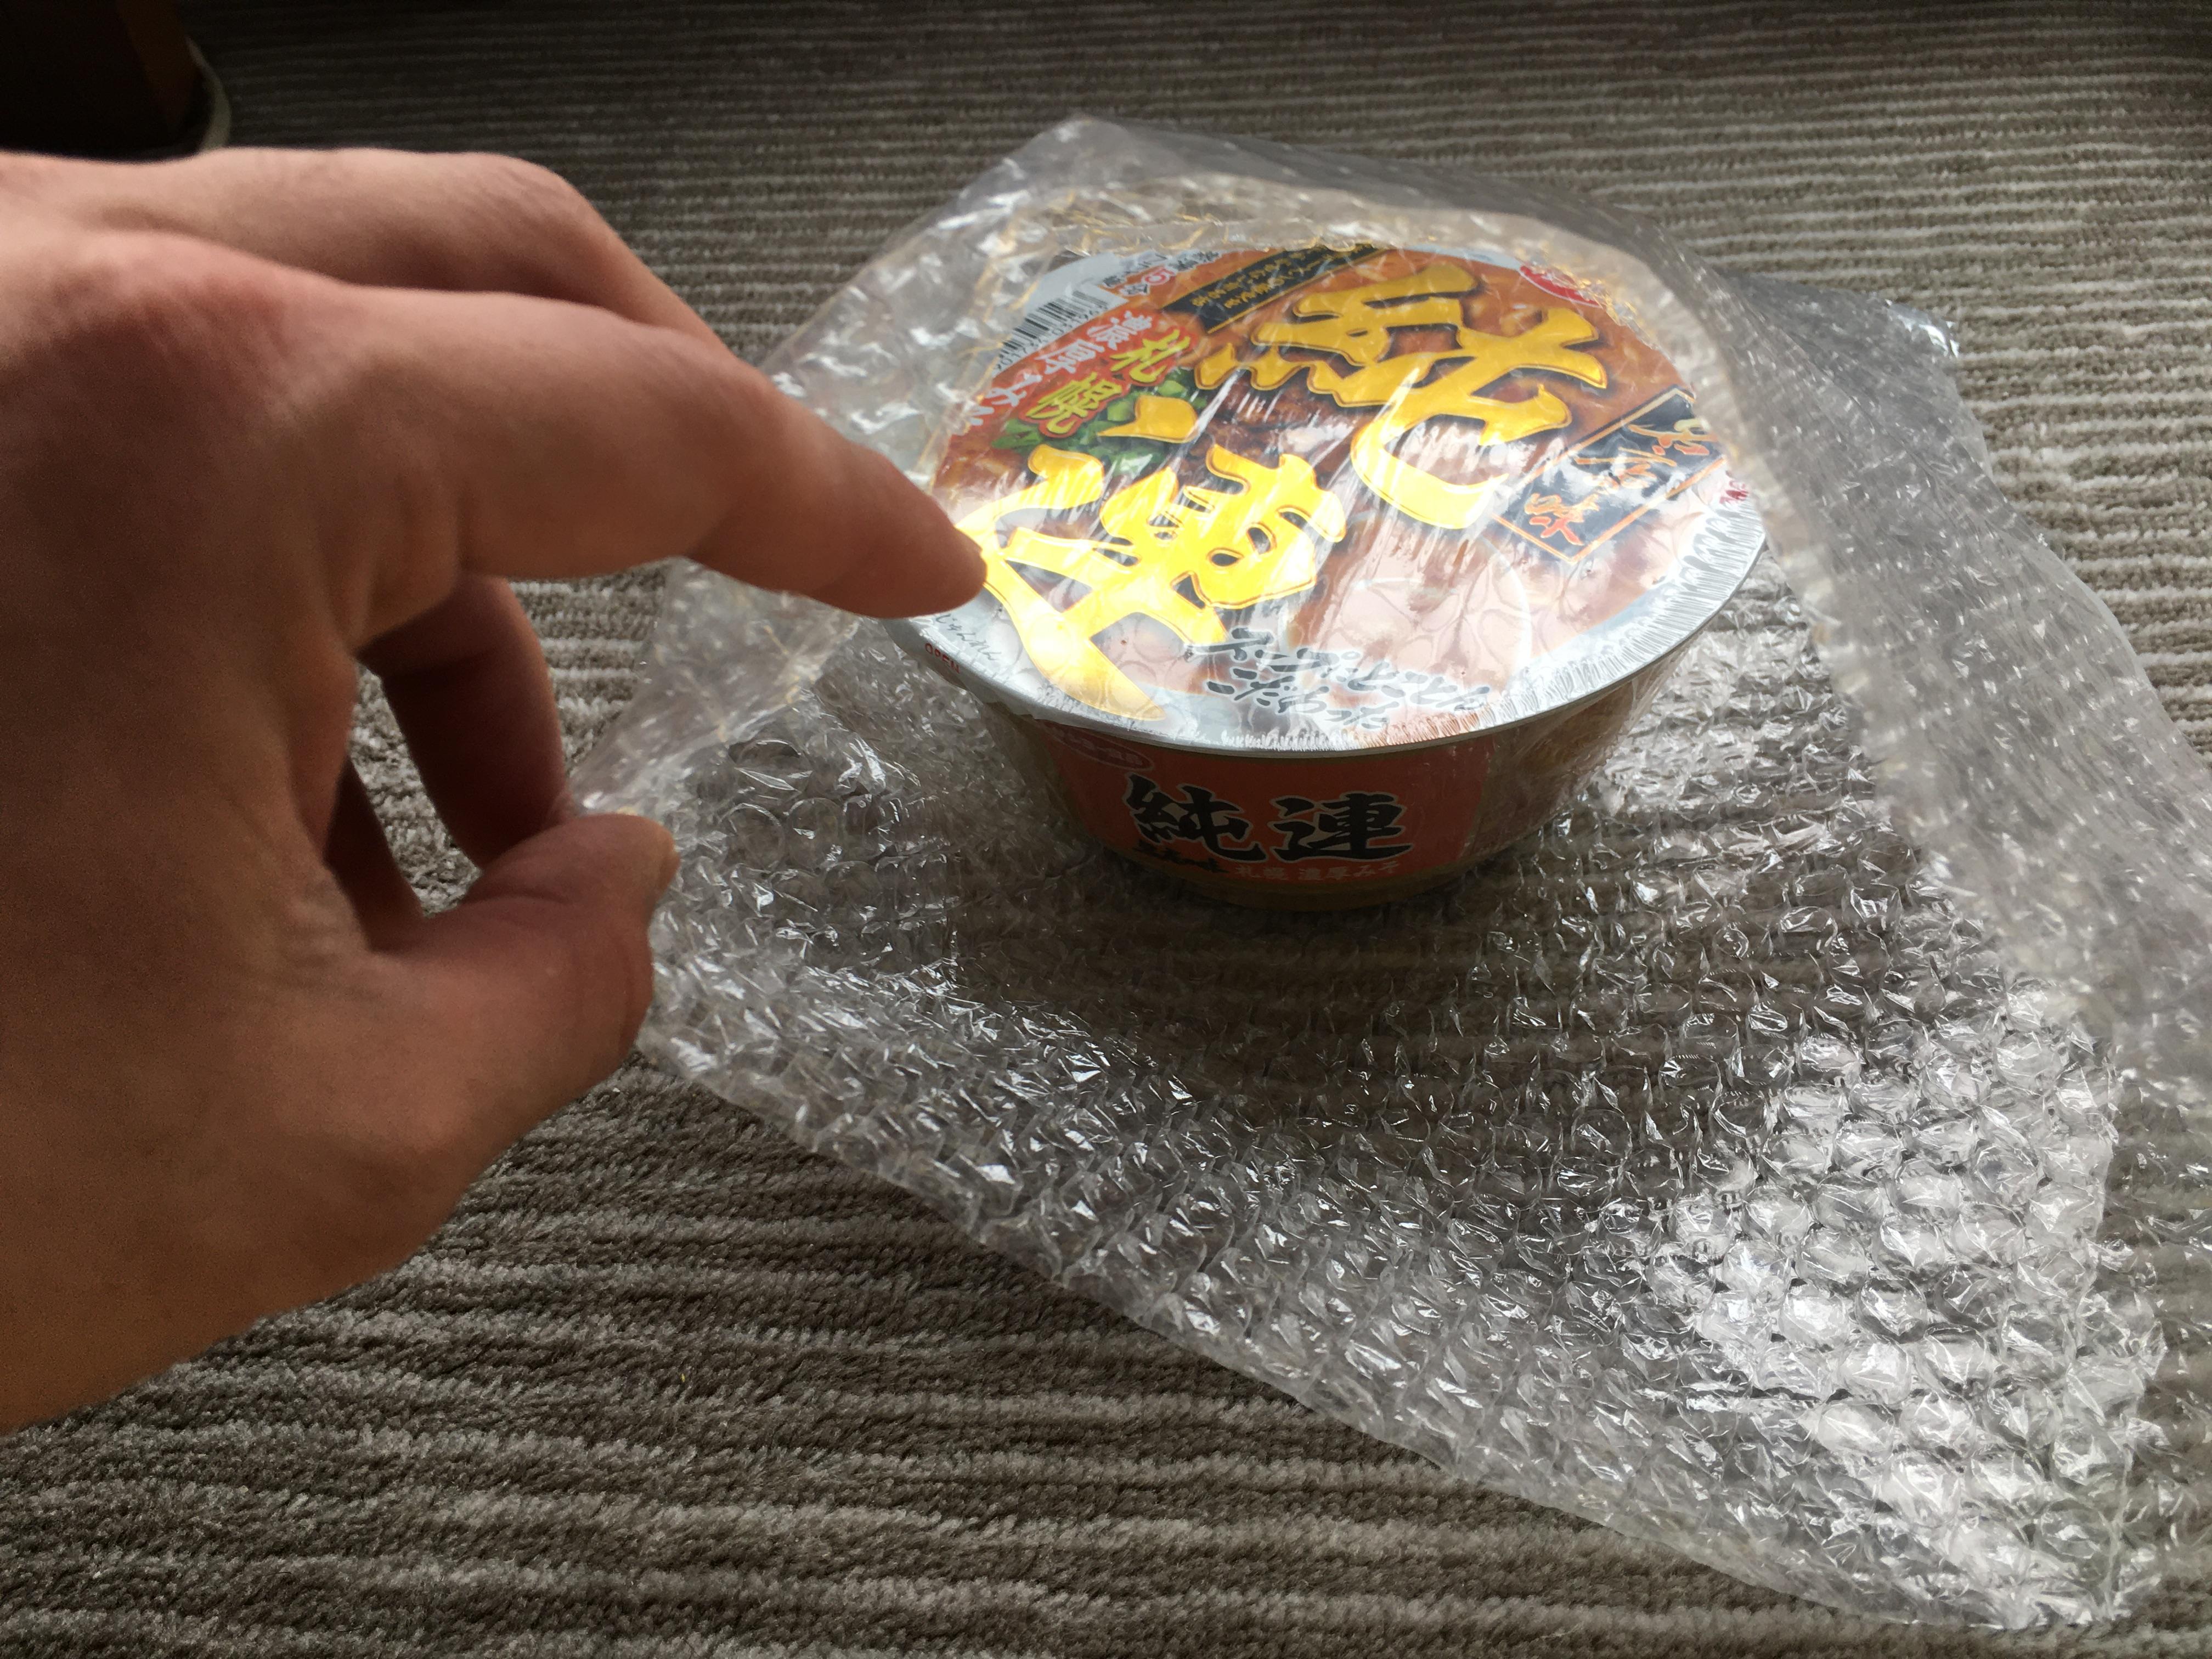 カップラーメンの梱包方法